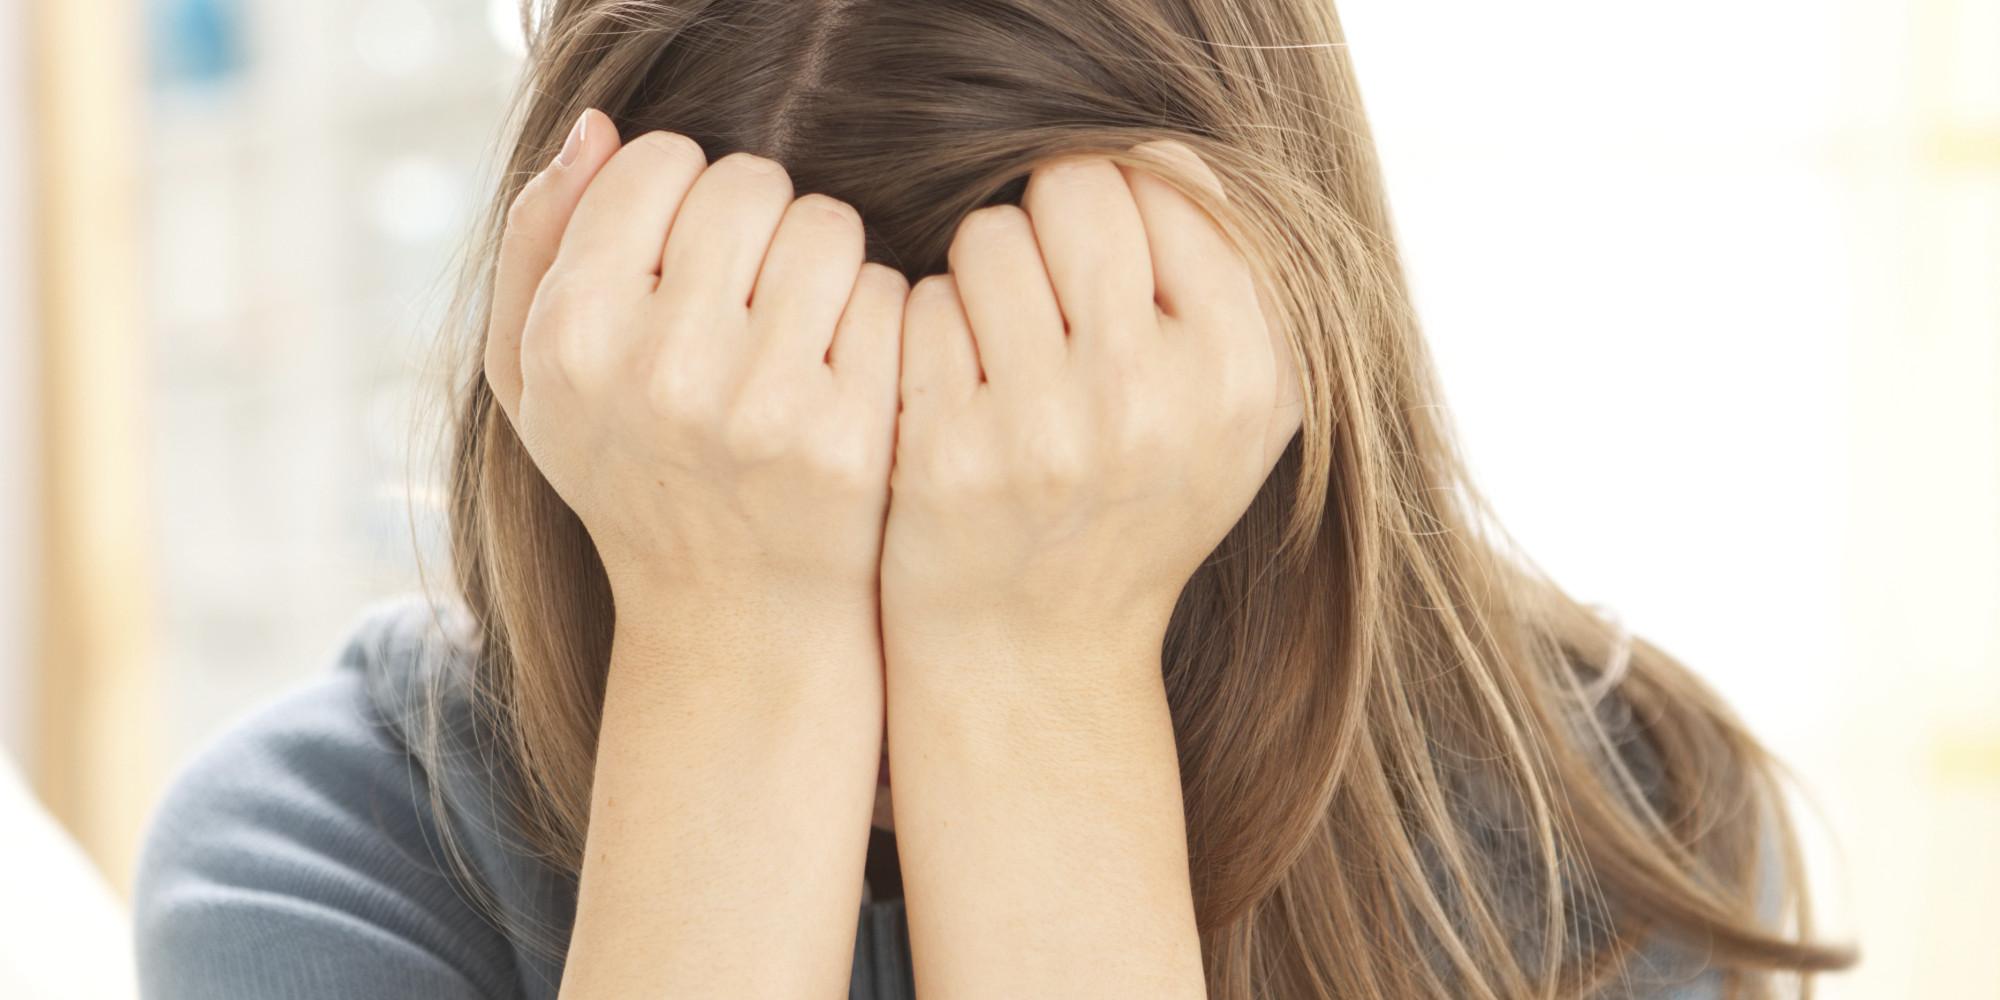 Afbeeldingsresultaat voor teen crying